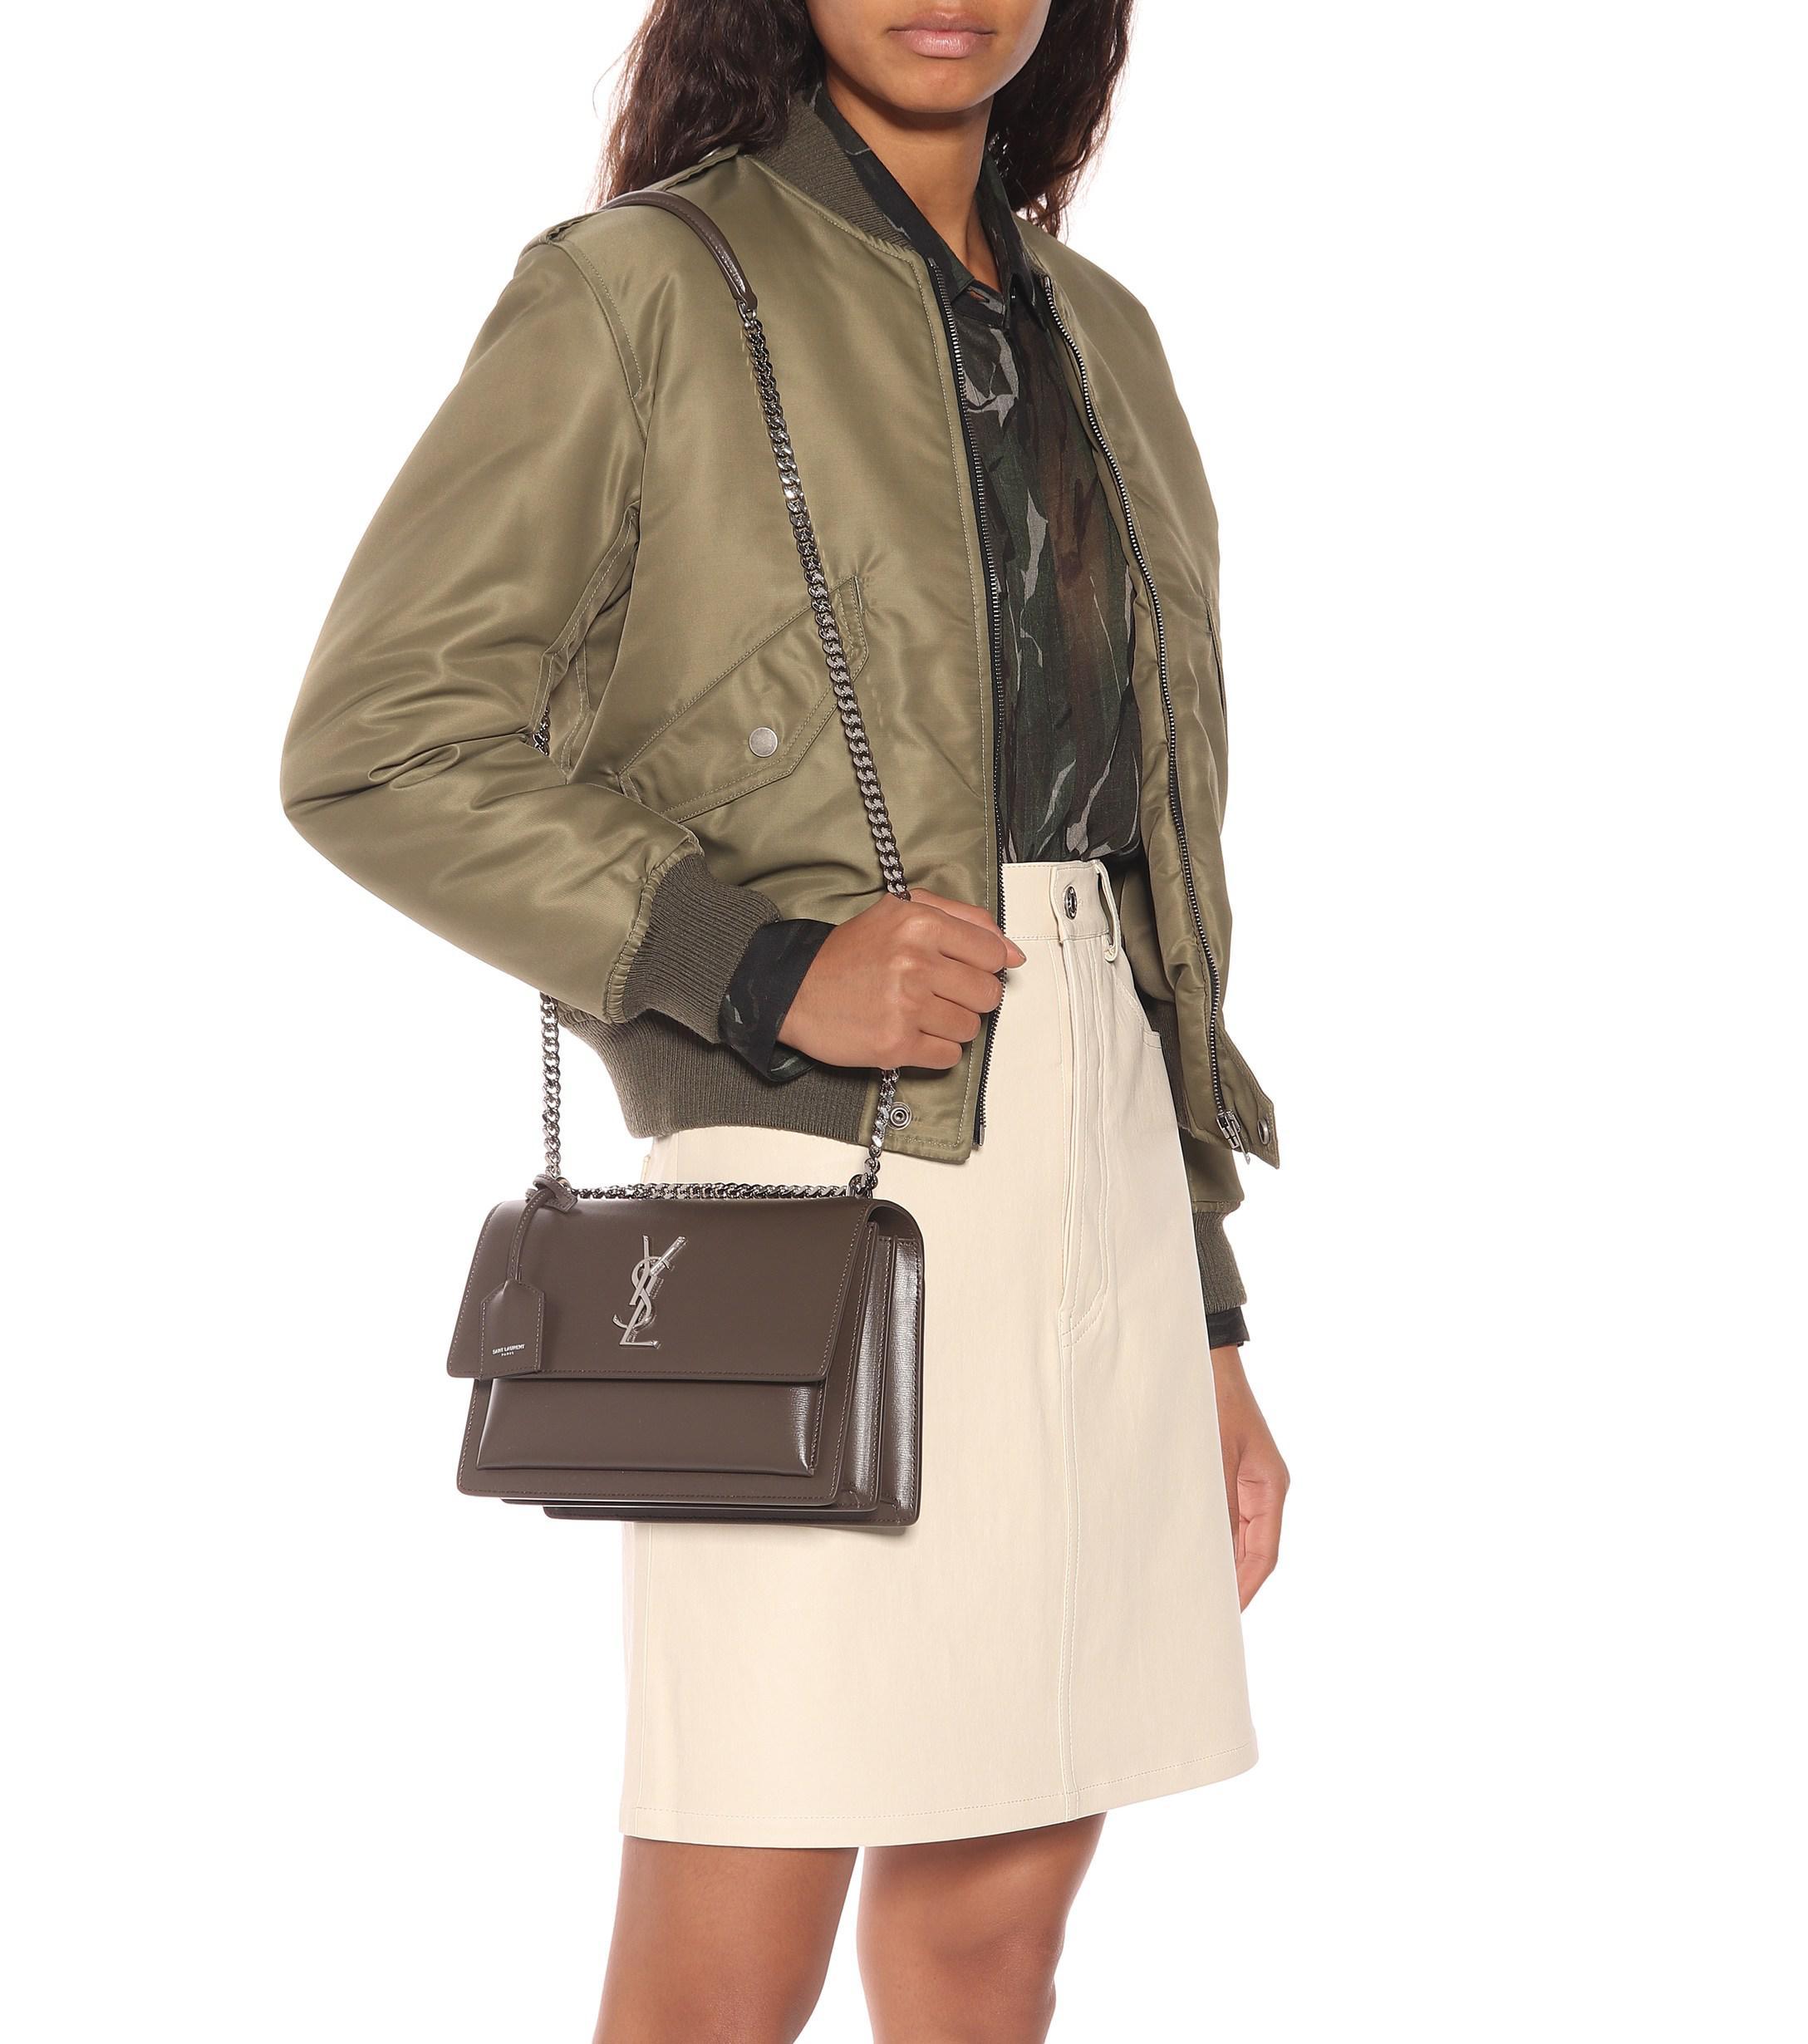 fcc6e151a3 Saint Laurent - Multicolor Medium Sunset Leather Shoulder Bag - Lyst. View  fullscreen